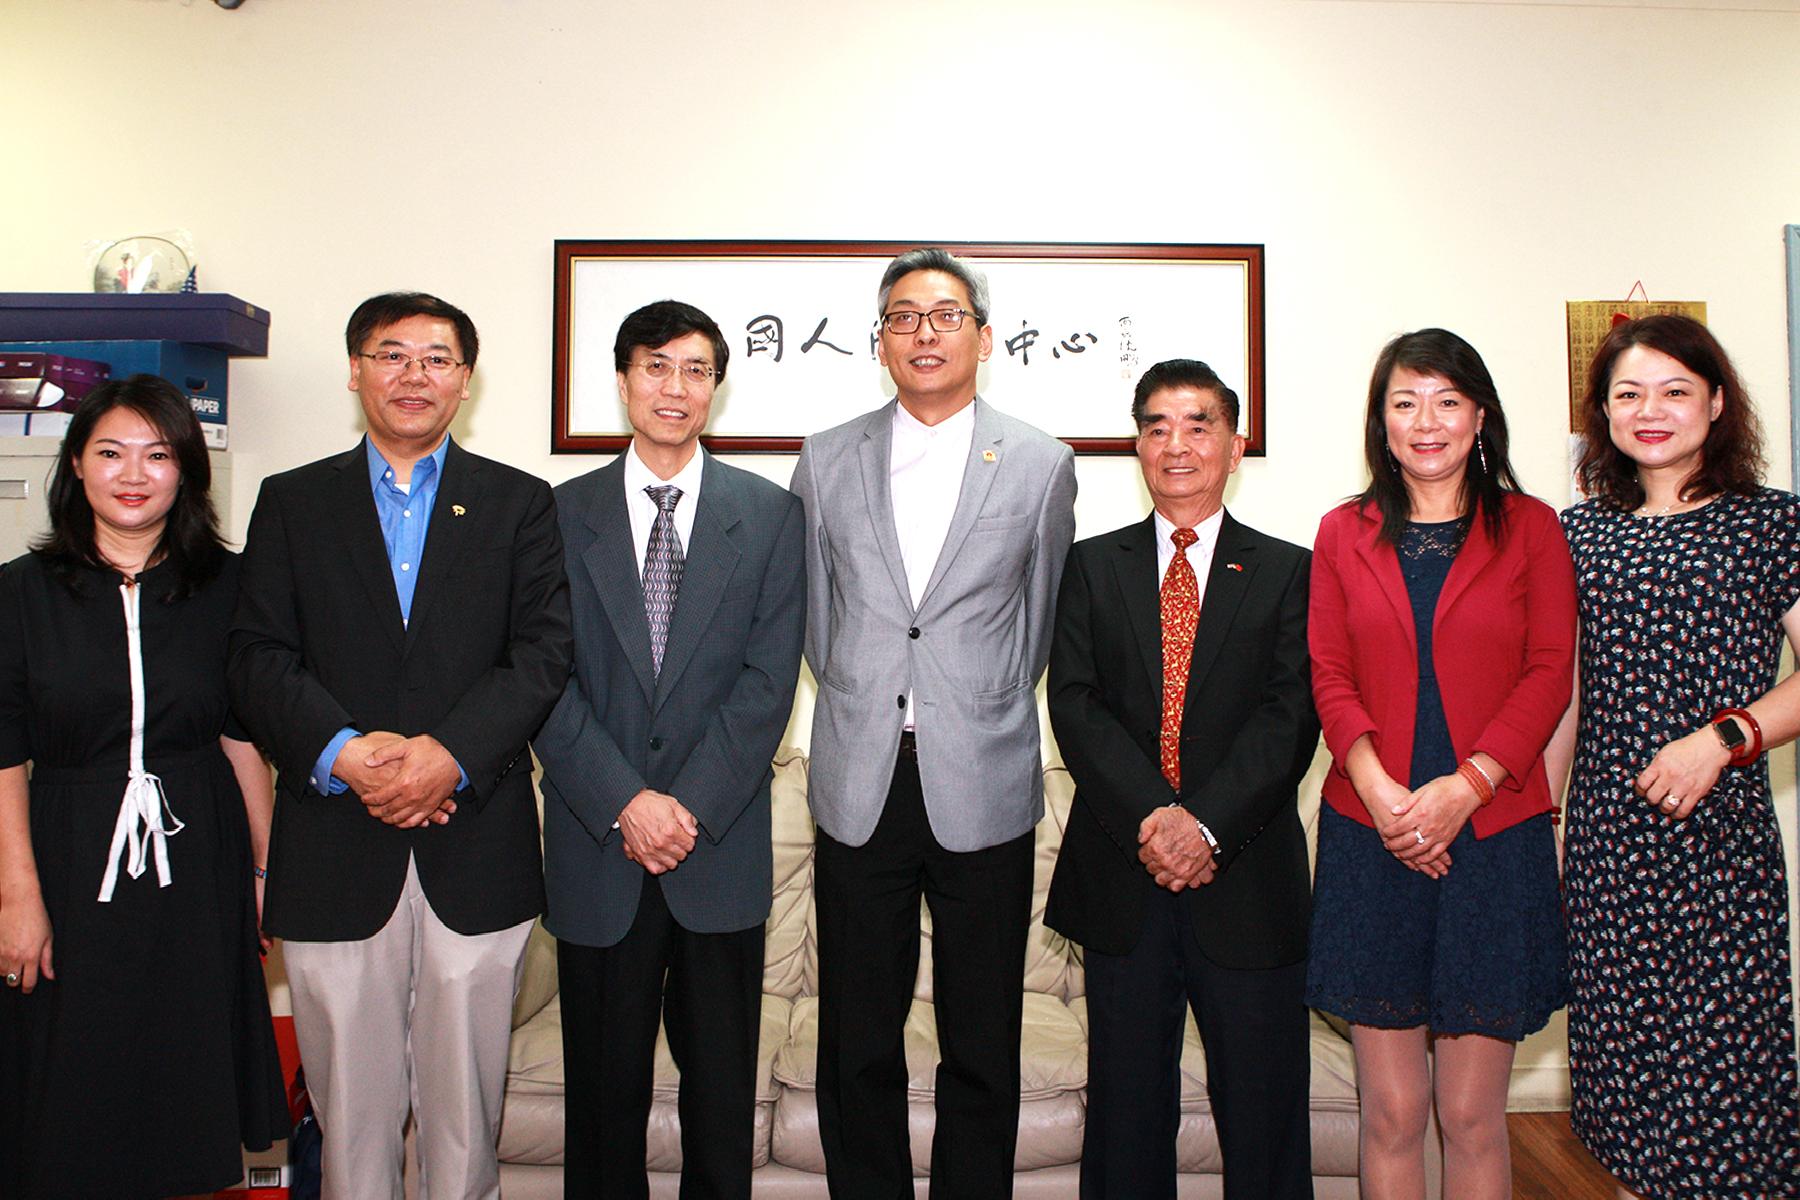 蔡偉(中)與中國人活動中心部分理事在中心辦公室合影。(記者賈忠/攝影)